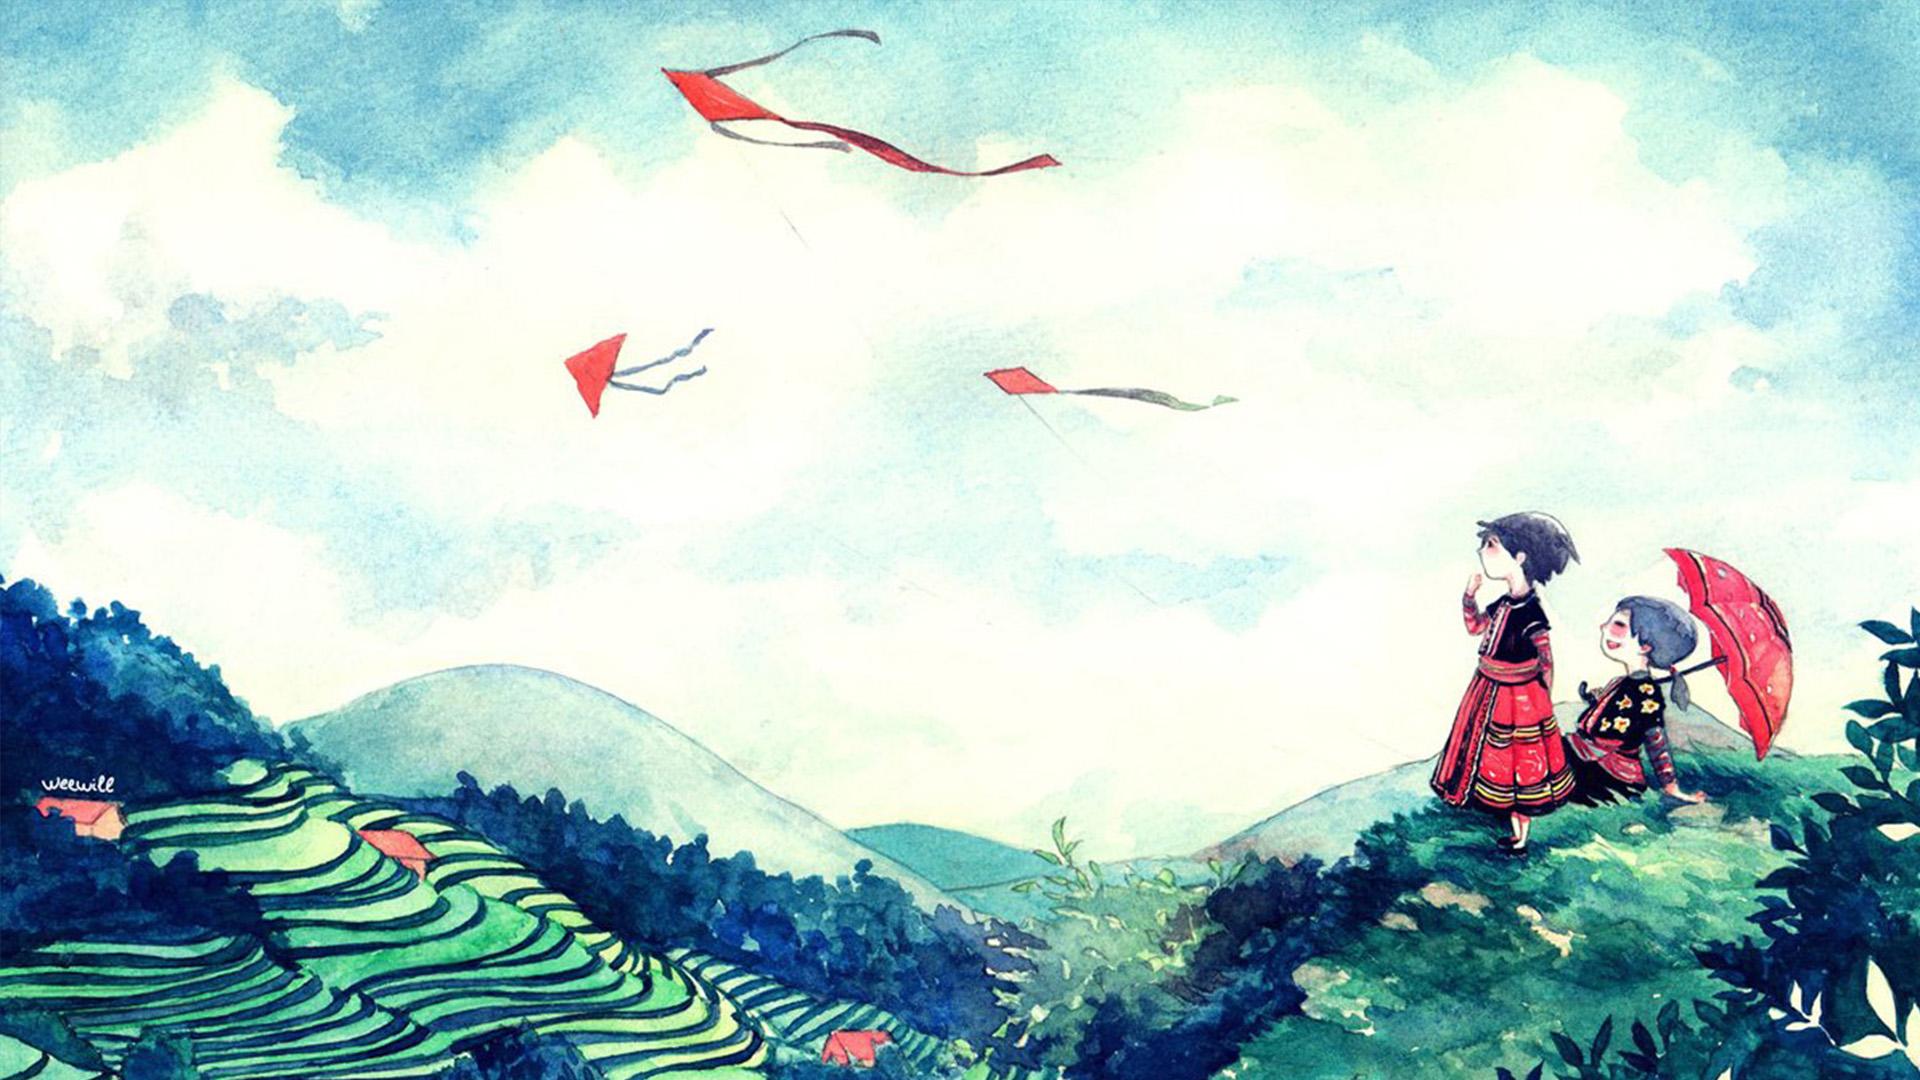 放风筝绘画PPT背景图片免费下载是由PPT宝藏(www.pptbz.com)会员zengmin上传推荐的简约PPT背景图片, 更新时间为2017-01-22,素材编号120815。 在游戏中,放风筝是一种游戏术语。 风筝起源于中国,中国风筝有悠久的历史,据说汉朝大将韩信曾利用风筝进行测量。梁武帝时曾利用风筝传信,但未成功。南北朝有人背着风筝从高处跳下而没有跌死。唐朝的张丕被围困时曾利用风筝传信求救兵,取得了成功。这些说明,中国风筝的历史至少有2000多年了。从唐朝开始,风筝逐渐变成玩具。到了晚唐,风筝上已